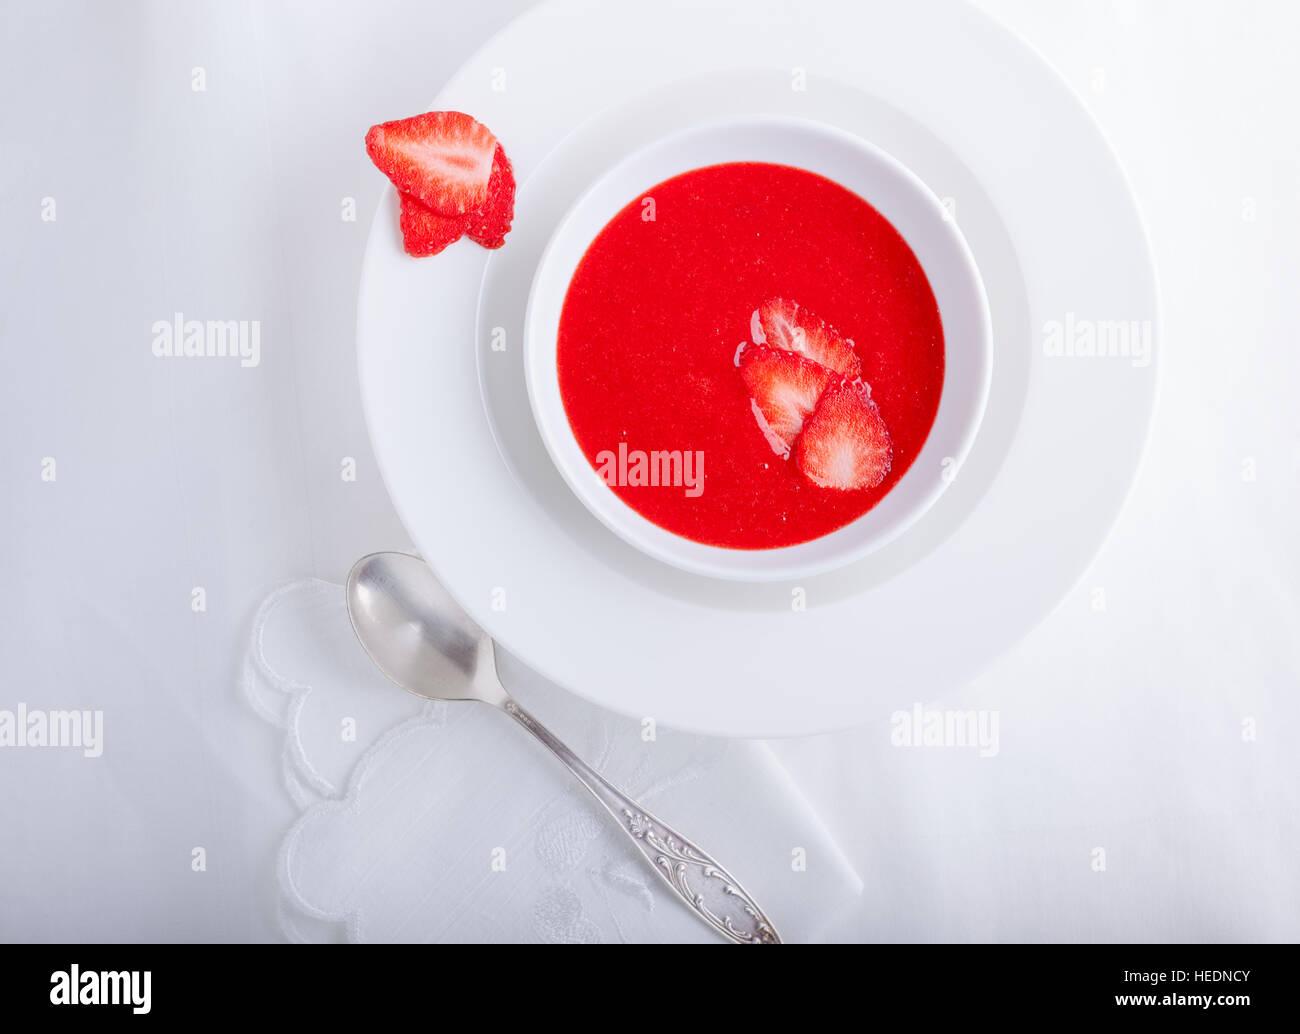 Soupe de fraises avec une serviette blanche sur une table Photo Stock